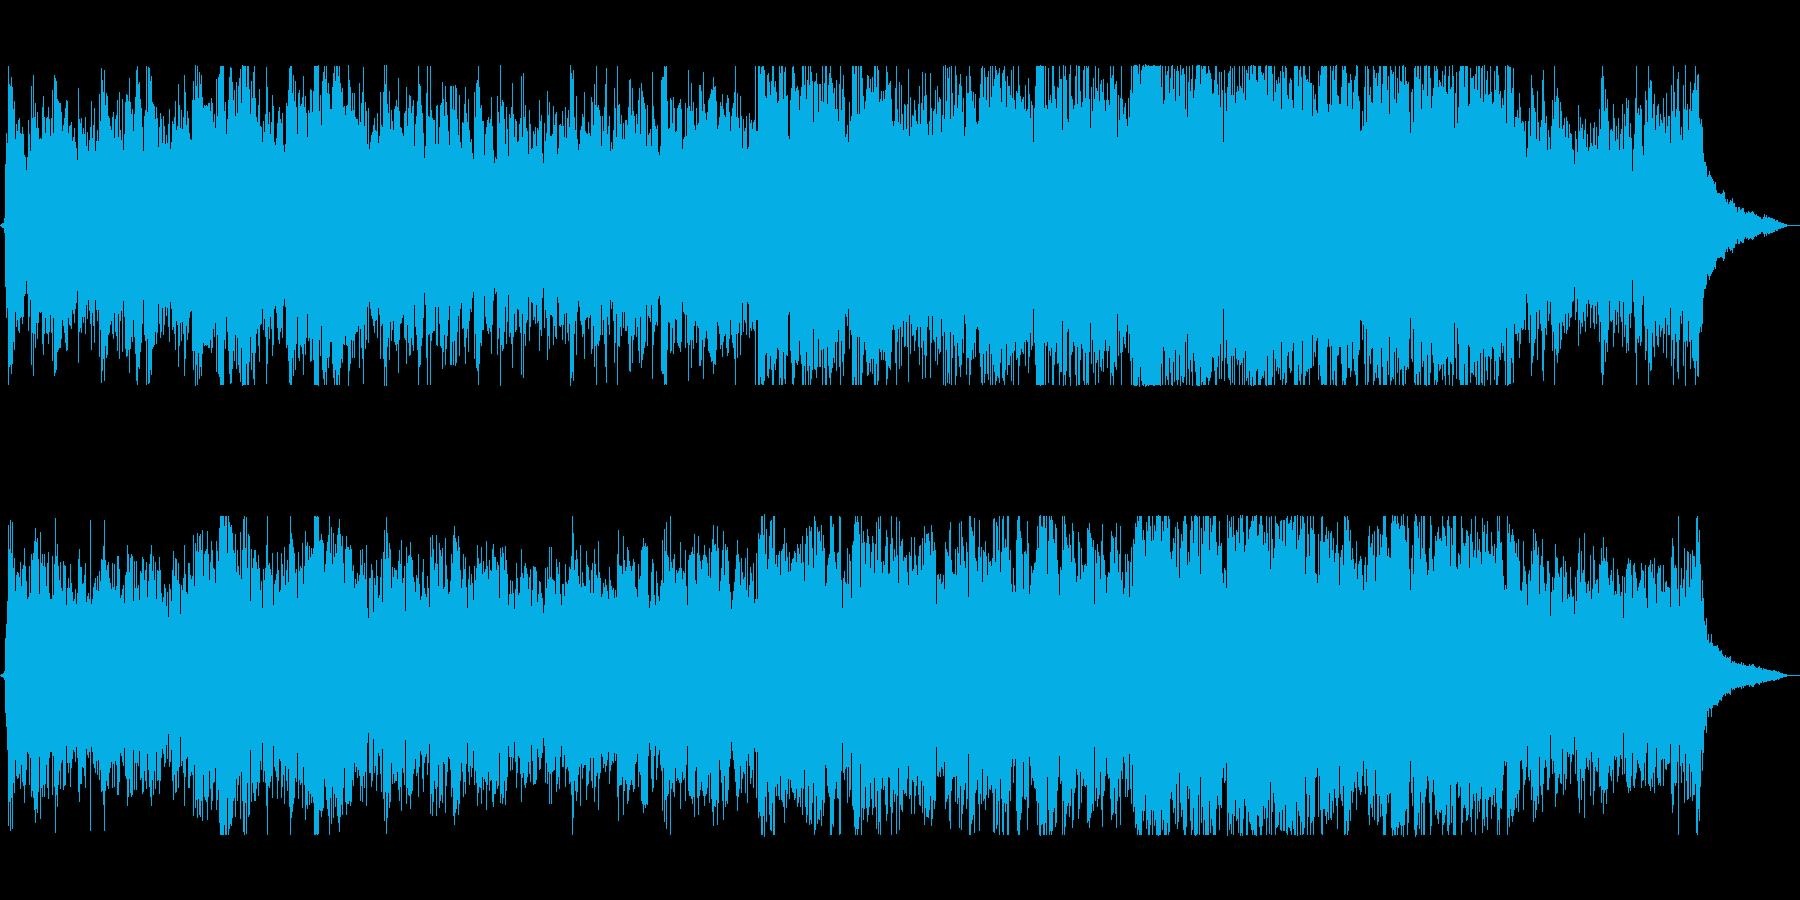 雄大な自然がテーマのオープニング曲の再生済みの波形